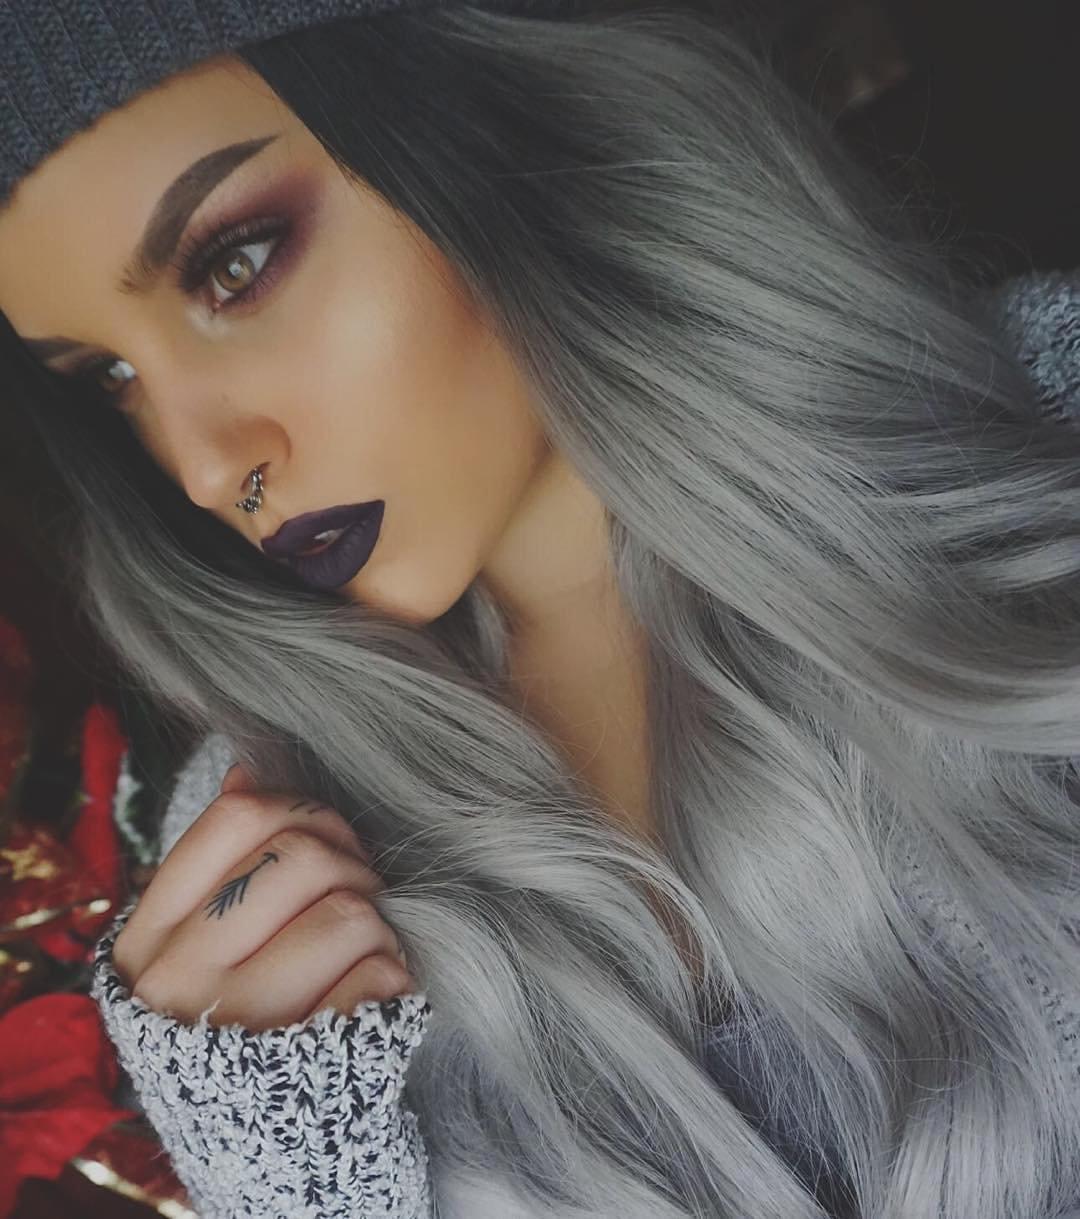 картинки темно серые волосы сложно сказать обратное